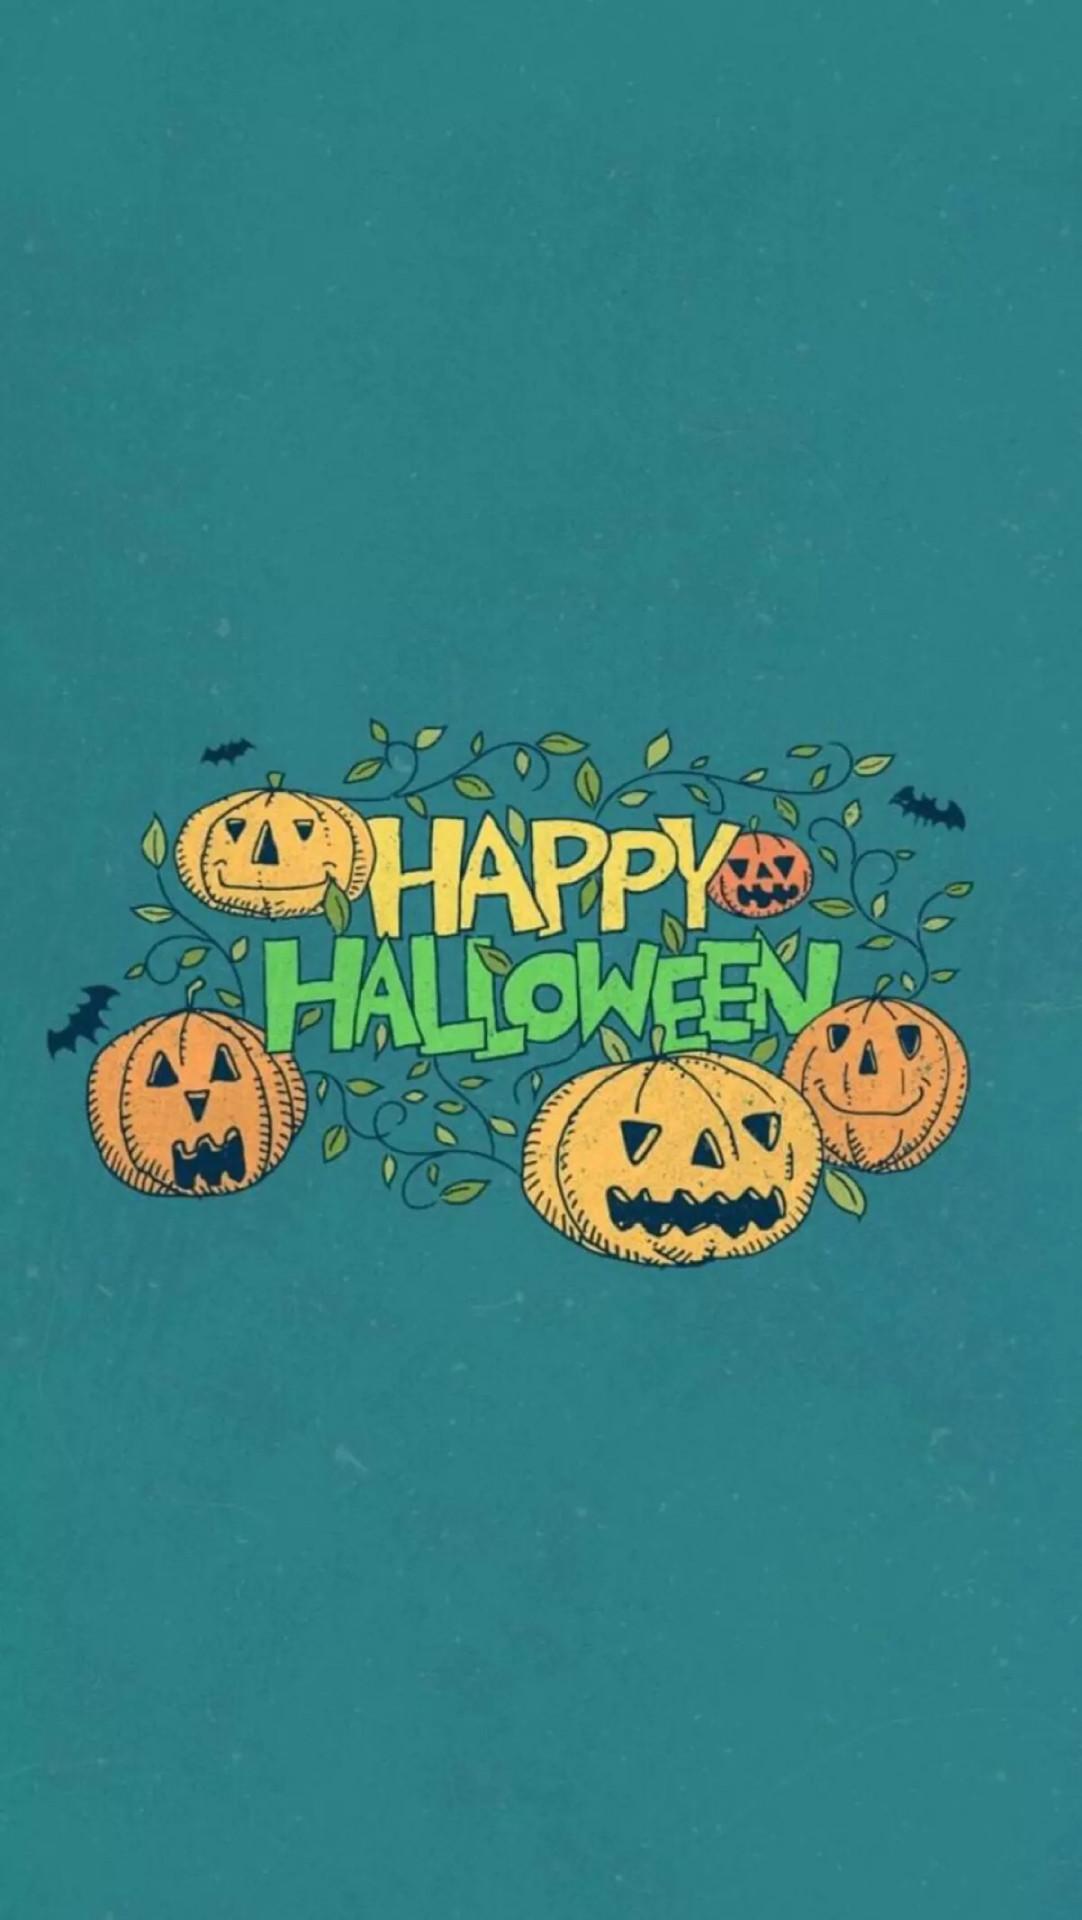 happy halloween halloween wallpaper halloween holiday wallpaper iphone 5  wallpapers iphone 5 background iphone background iphone